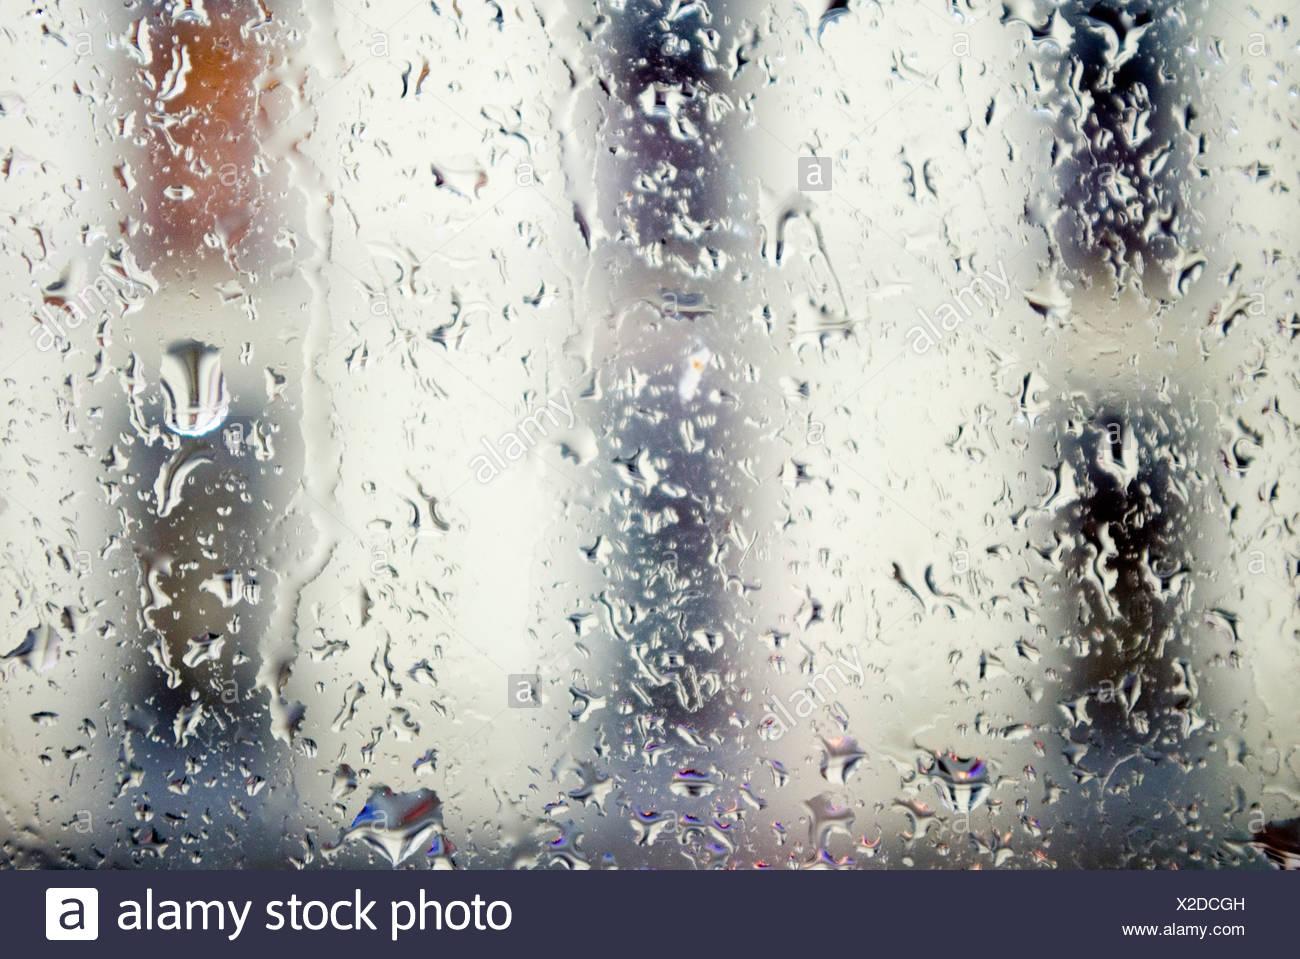 Les gouttes de pluie sur la fenêtre, close-up Photo Stock